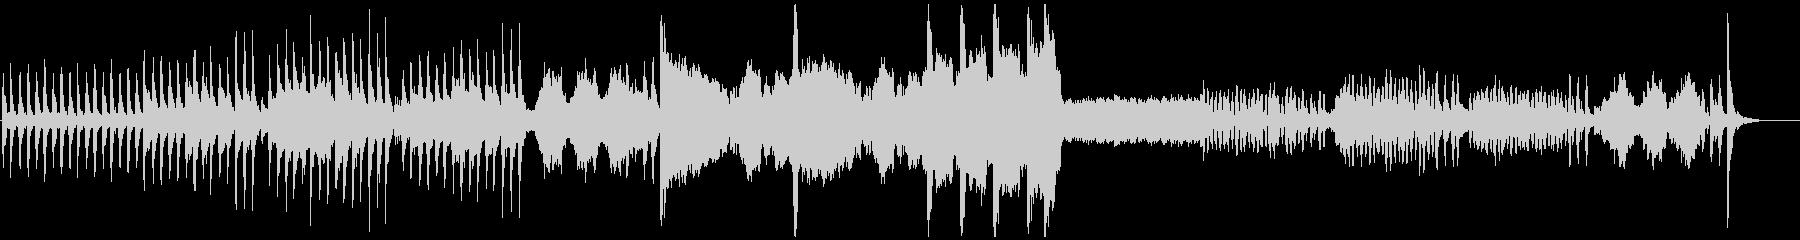 金平糖の精の踊り01(フルオケ通常版)の未再生の波形